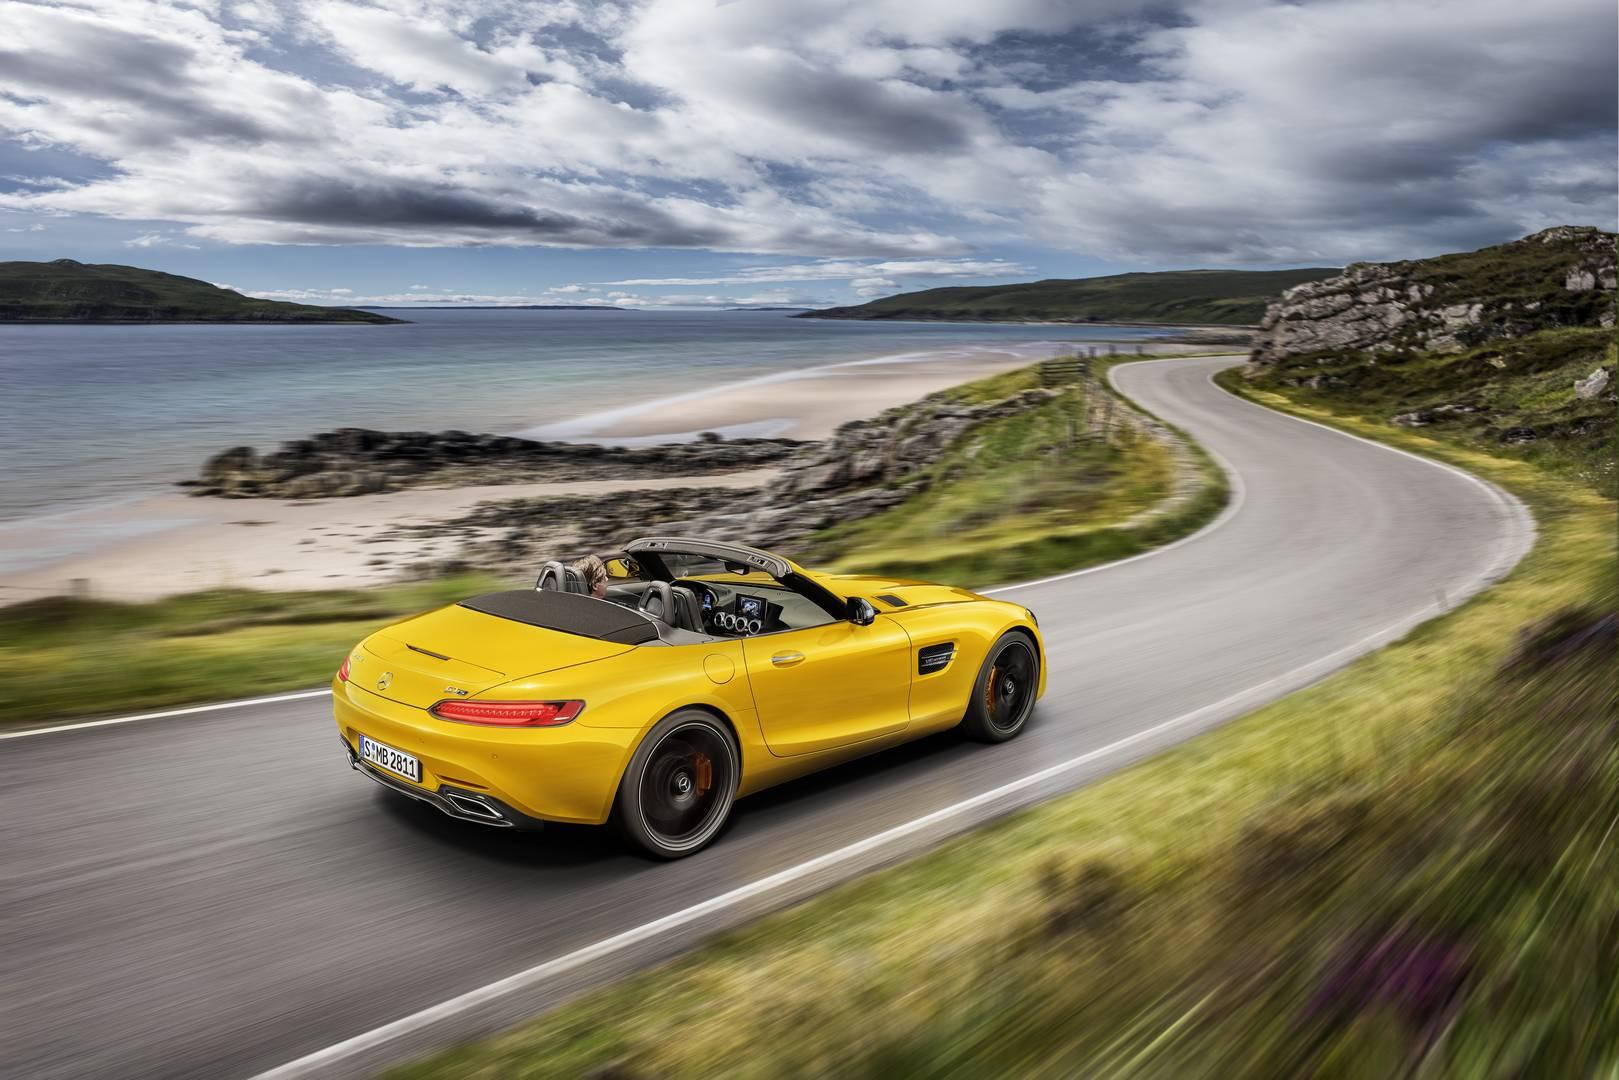 Спустя год после запуска Mercedes-AMG GT Roadster, автопроизводитель анонсировал новость о том, что скоро будет доступна новая модель.